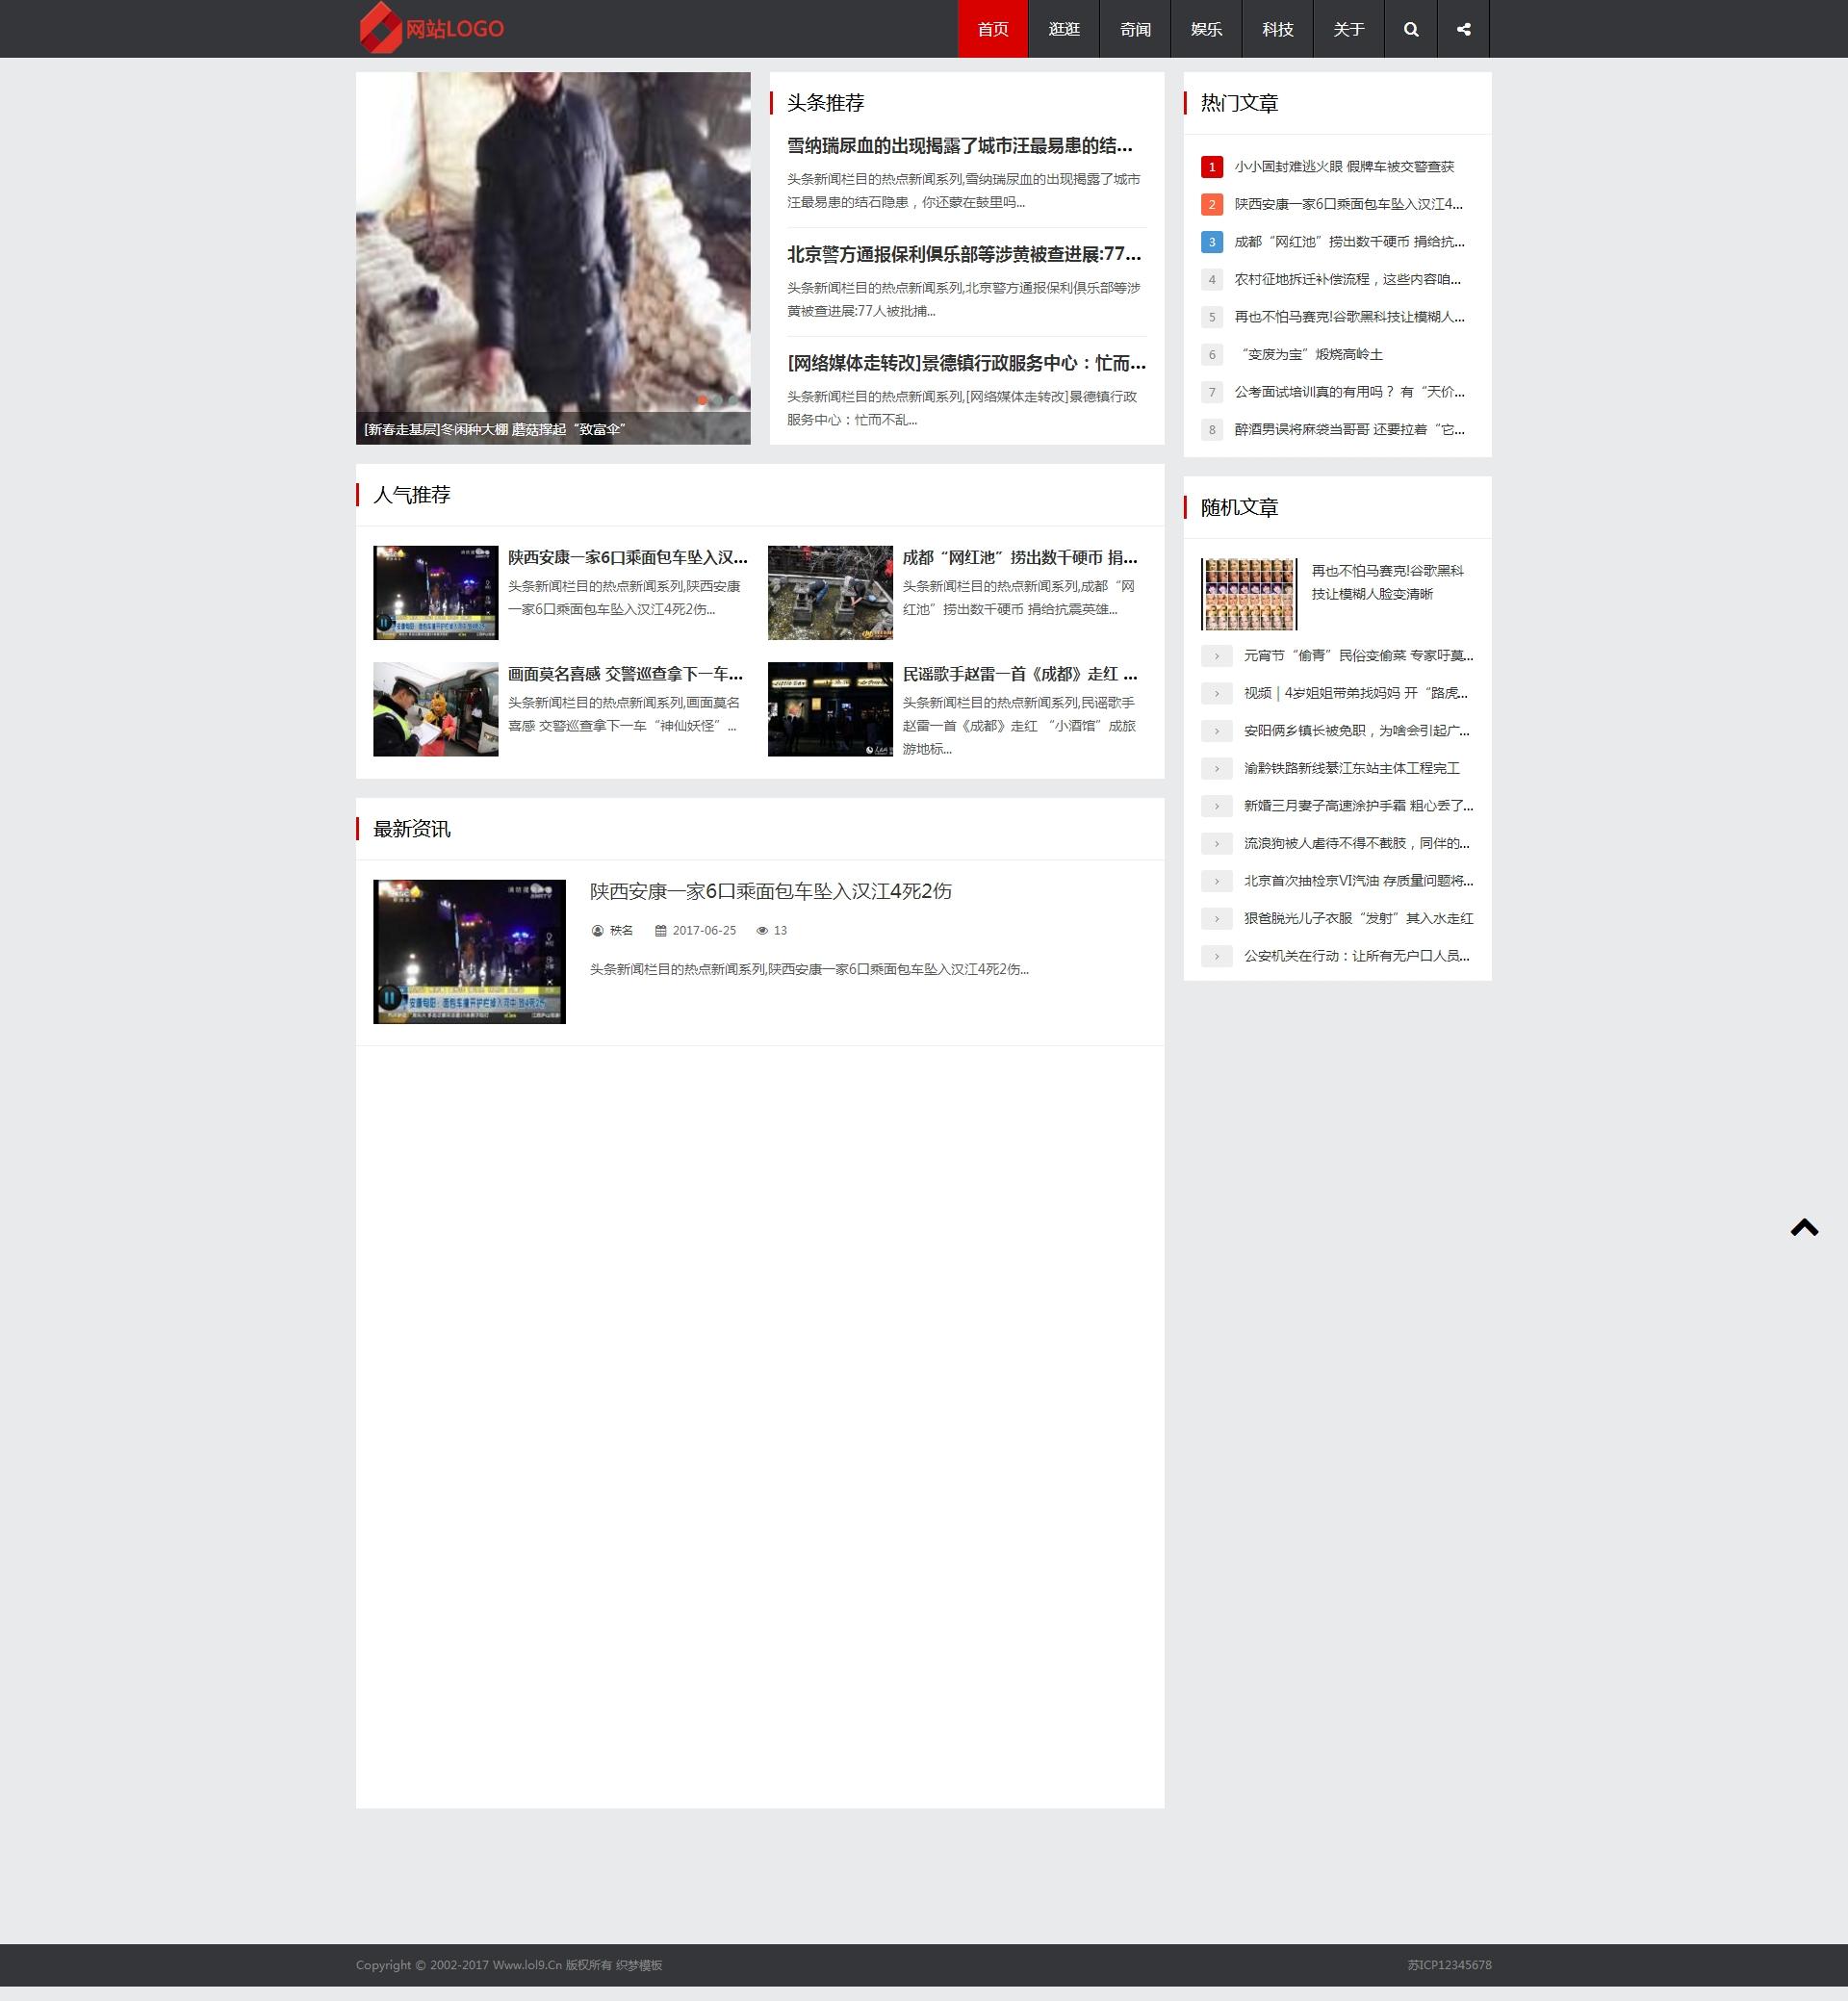 织梦自适应cms文章资讯博客模板 Html5响应式新闻文章资讯博客类源码(demo20)